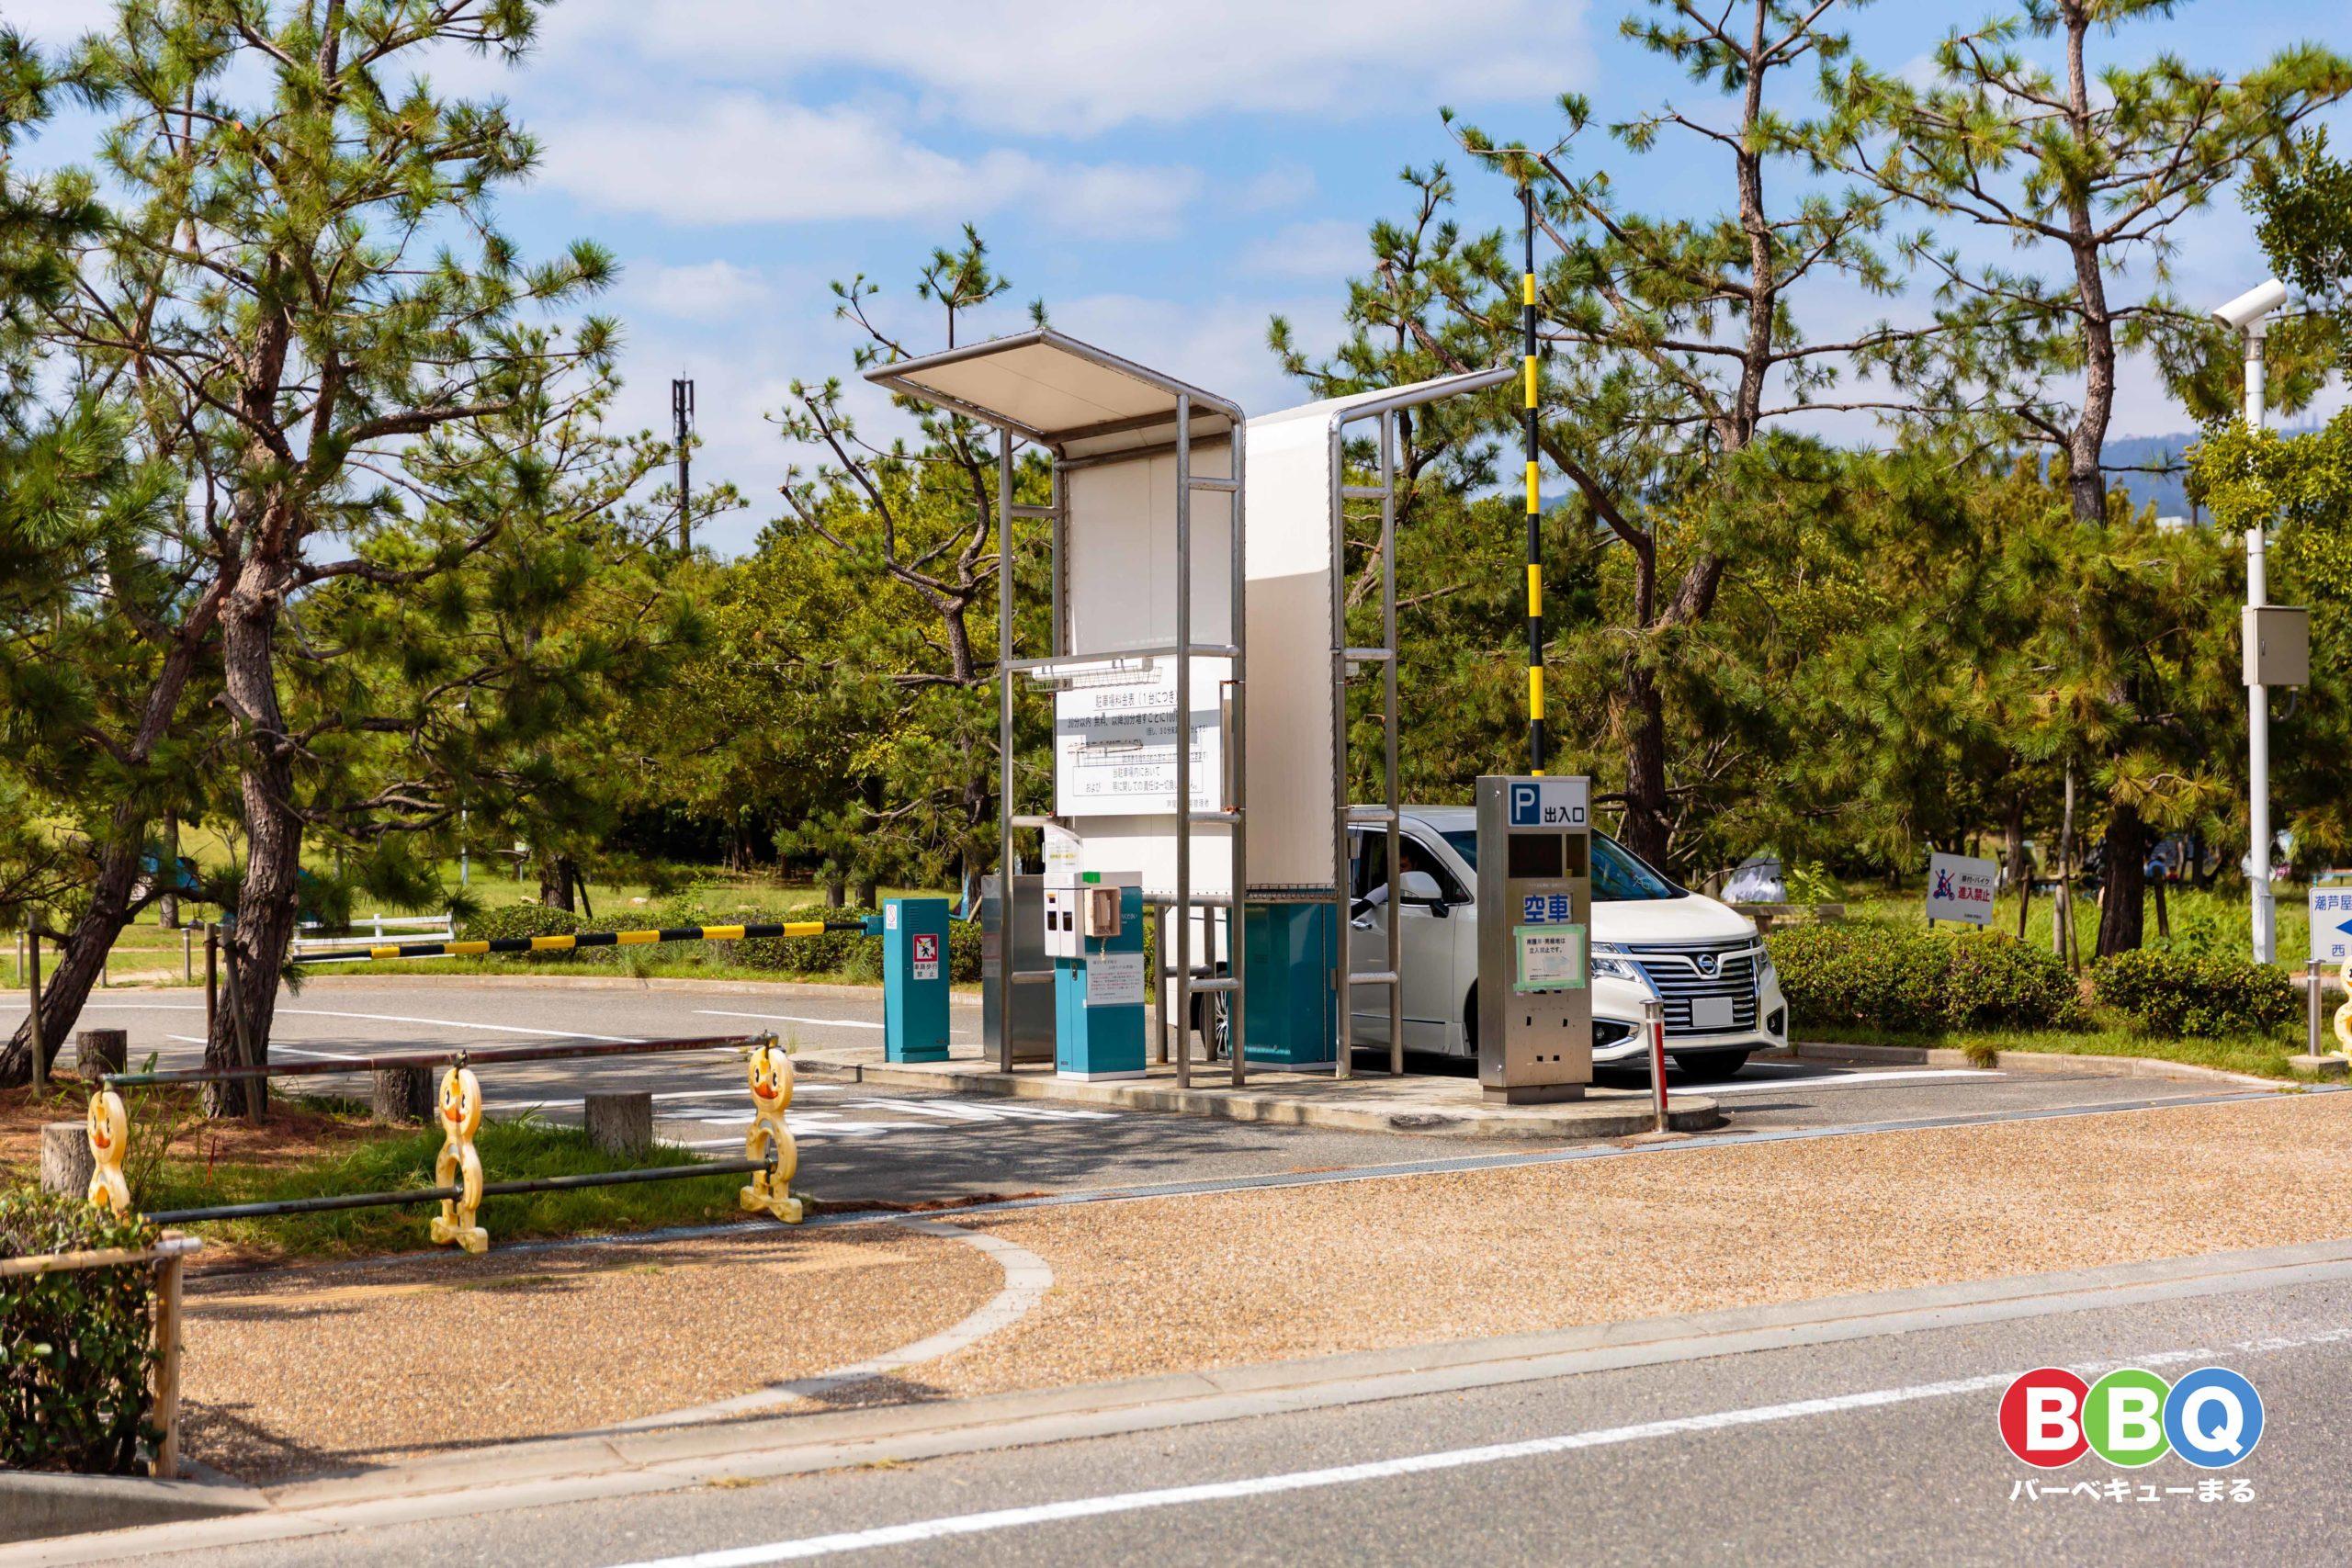 潮芦屋公園駐車場西駐車場出入り口